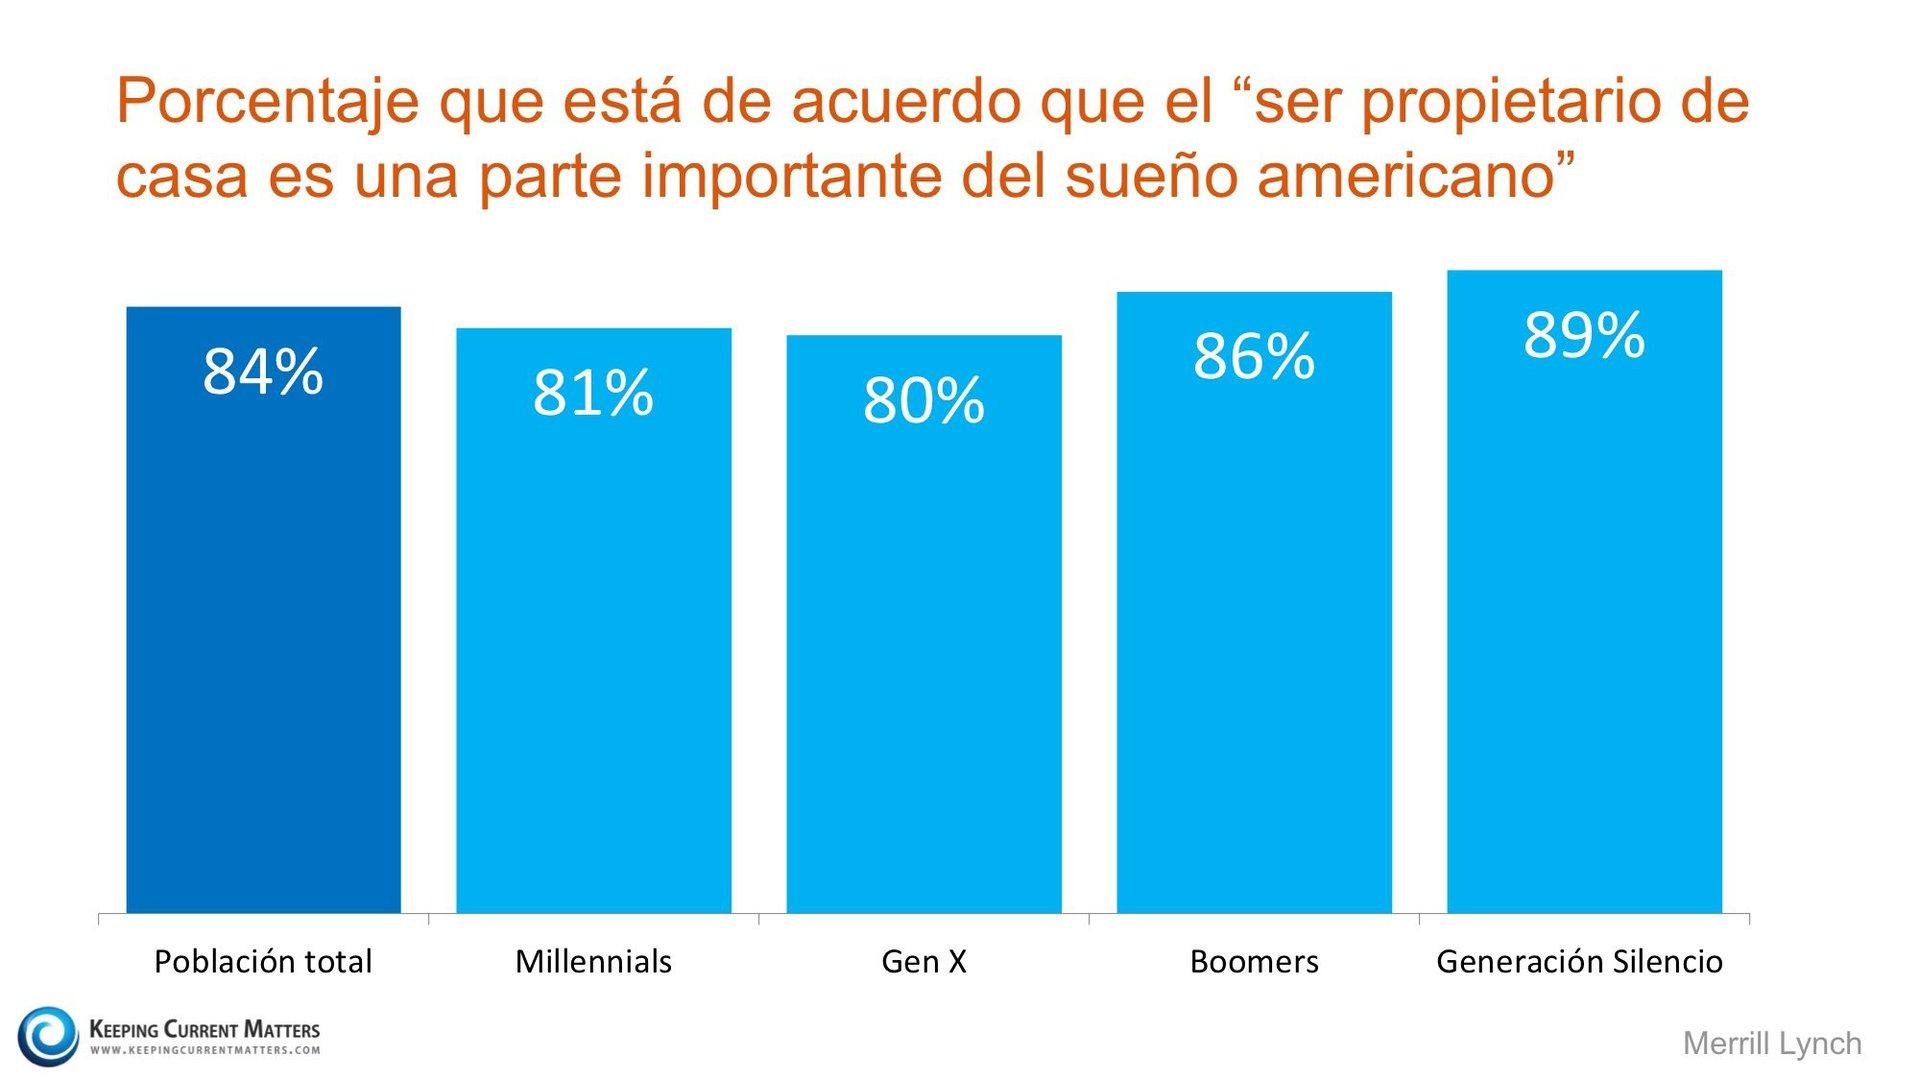 Porcentaje que esta de acuerdo Ser propietario de casa es una parte importante del sueno americano - Keeping Current Matters